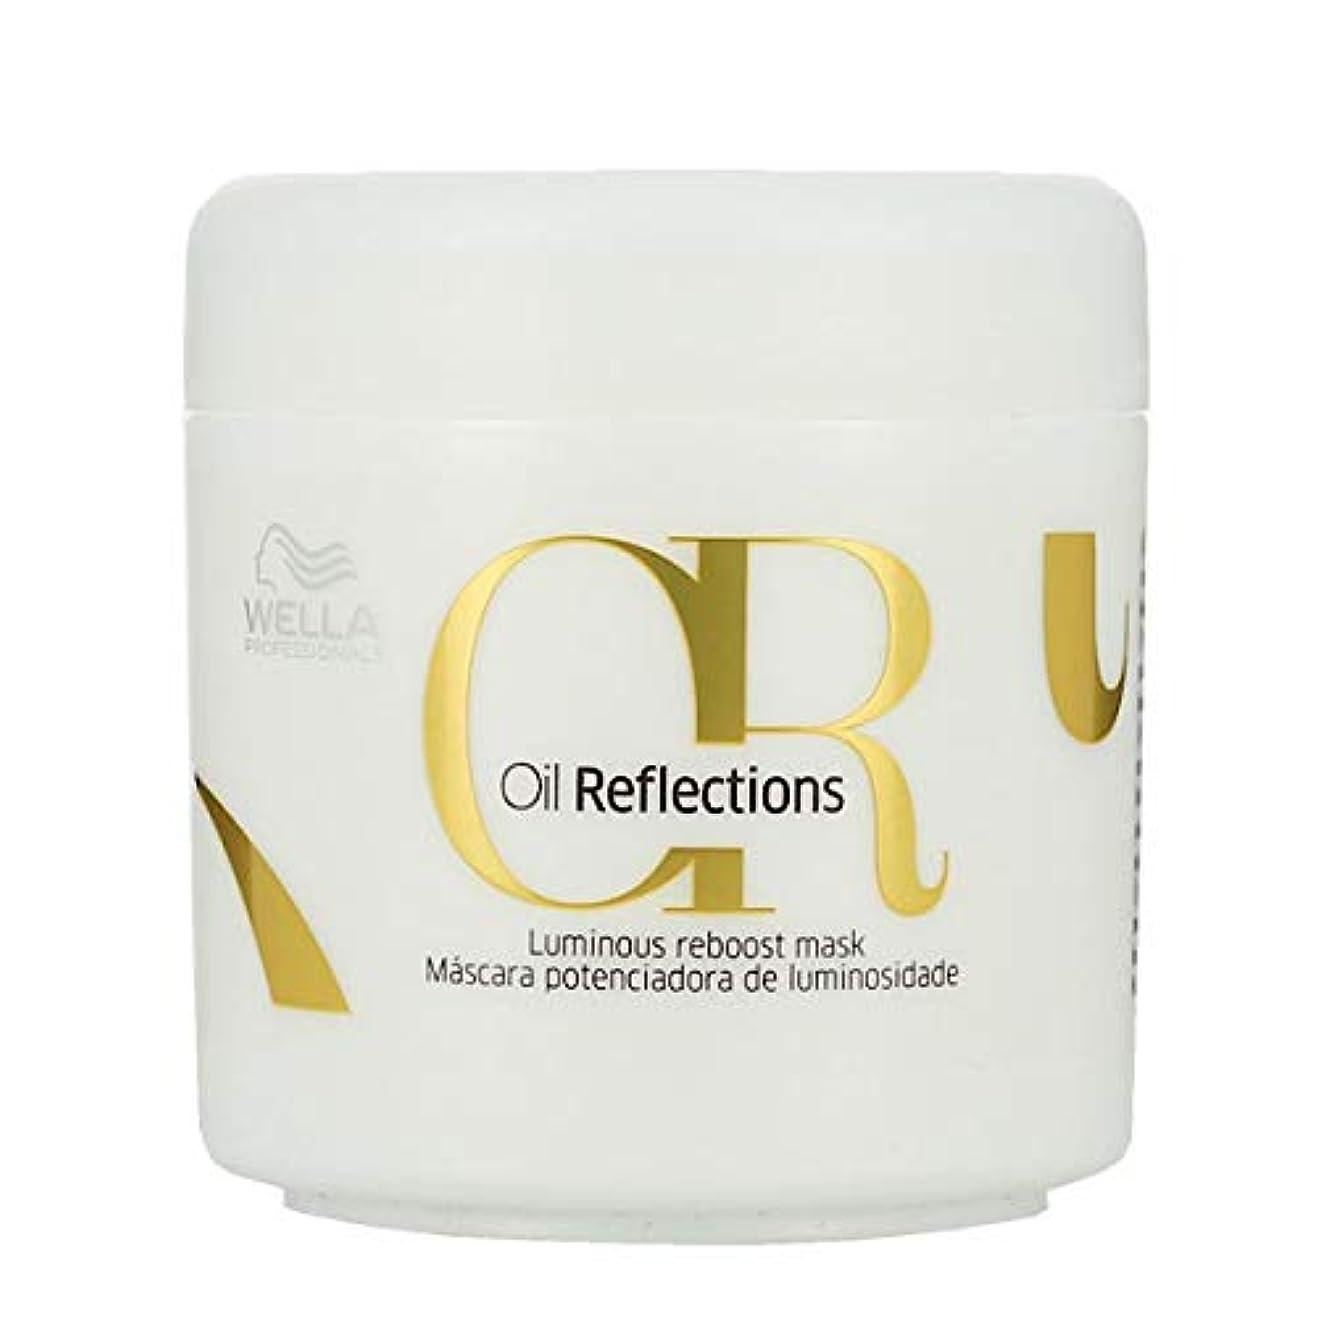 暗記するホテル群れWella Professionals Oil Reflections Luminous Reboost Mask ウエラ オイルリフレクション マスク 150 ml [並行輸入品]